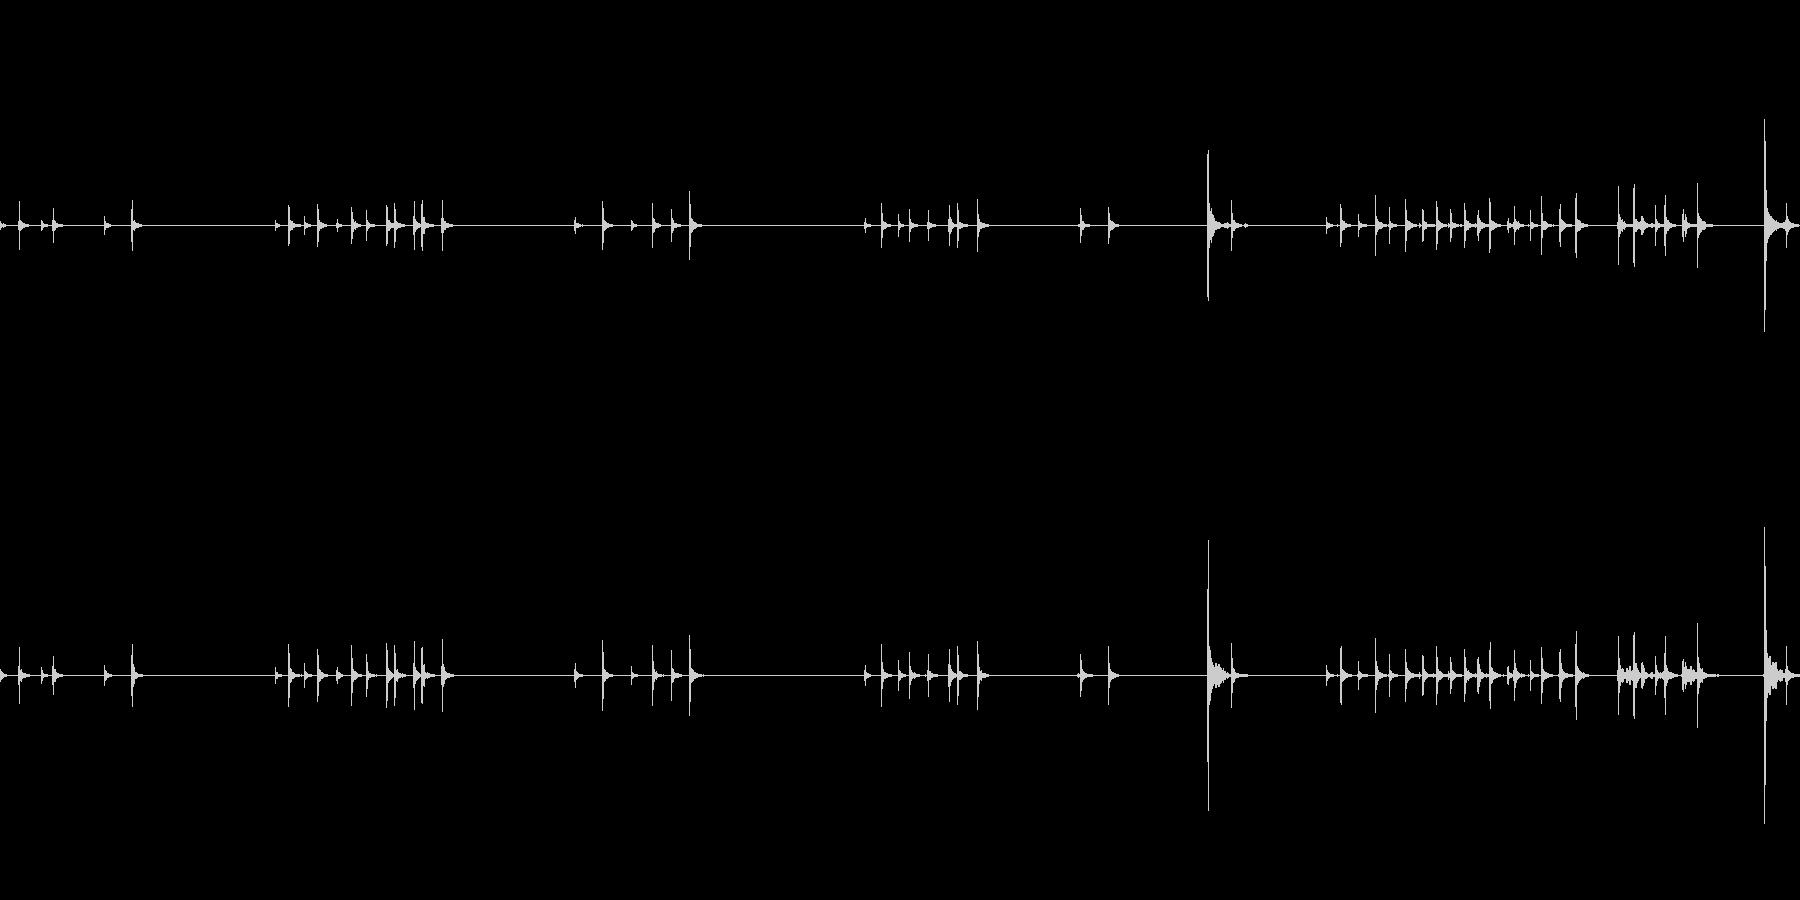 イライラしてクリックを連打する音の未再生の波形